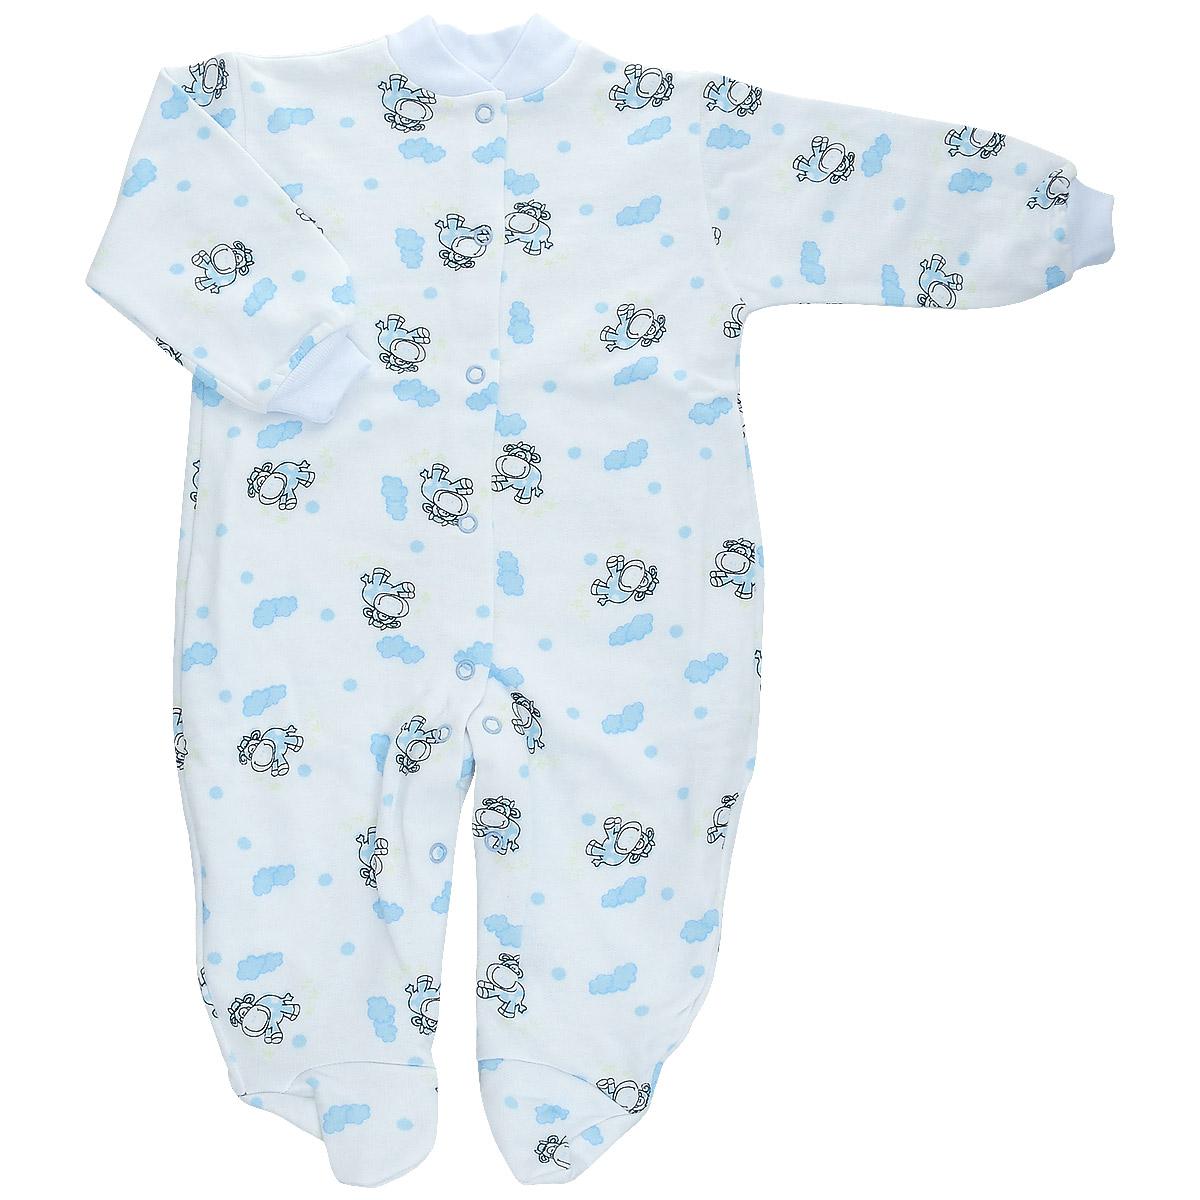 5821Детский комбинезон Трон-Плюс - очень удобный и практичный вид одежды для малышей. Теплый комбинезон выполнен из футерованного полотна - натурального хлопка, благодаря чему он необычайно мягкий и приятный на ощупь, не раздражает нежную кожу ребенка, и хорошо вентилируются, а эластичные швы приятны телу малыша и не препятствуют его движениям. Комбинезон с длинными рукавами и закрытыми ножками имеет застежки-кнопки от горловины до щиколоток, которые помогают легко переодеть младенца или сменить подгузник. Рукава понизу дополнены неширокими трикотажными манжетами, мягко облегающими запястья. Вырез горловины дополнен мягкой трикотажной резинкой. Оформлен комбинезон оригинальным принтом. С детским комбинезоном спинка и ножки вашего малыша всегда будут в тепле, он идеален для использования днем и незаменим ночью. Комбинезон полностью соответствует особенностям жизни младенца в ранний период, не стесняя и не ограничивая его в движениях!